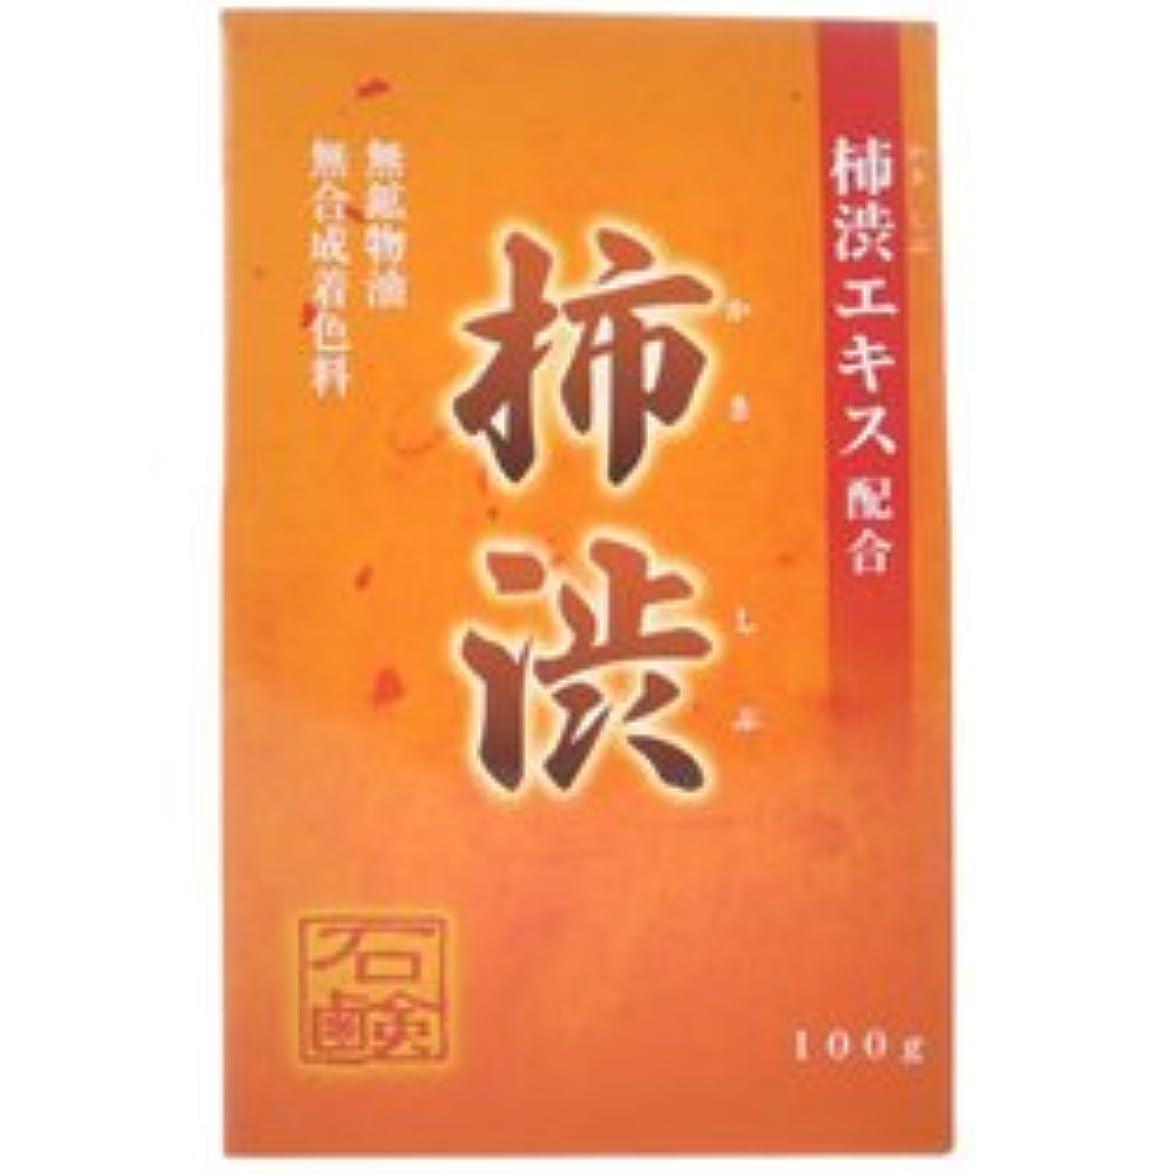 ハブブ上げる動脈【アール?エイチ?ビープロダクト】新 柿渋石鹸 100g ×3個セット